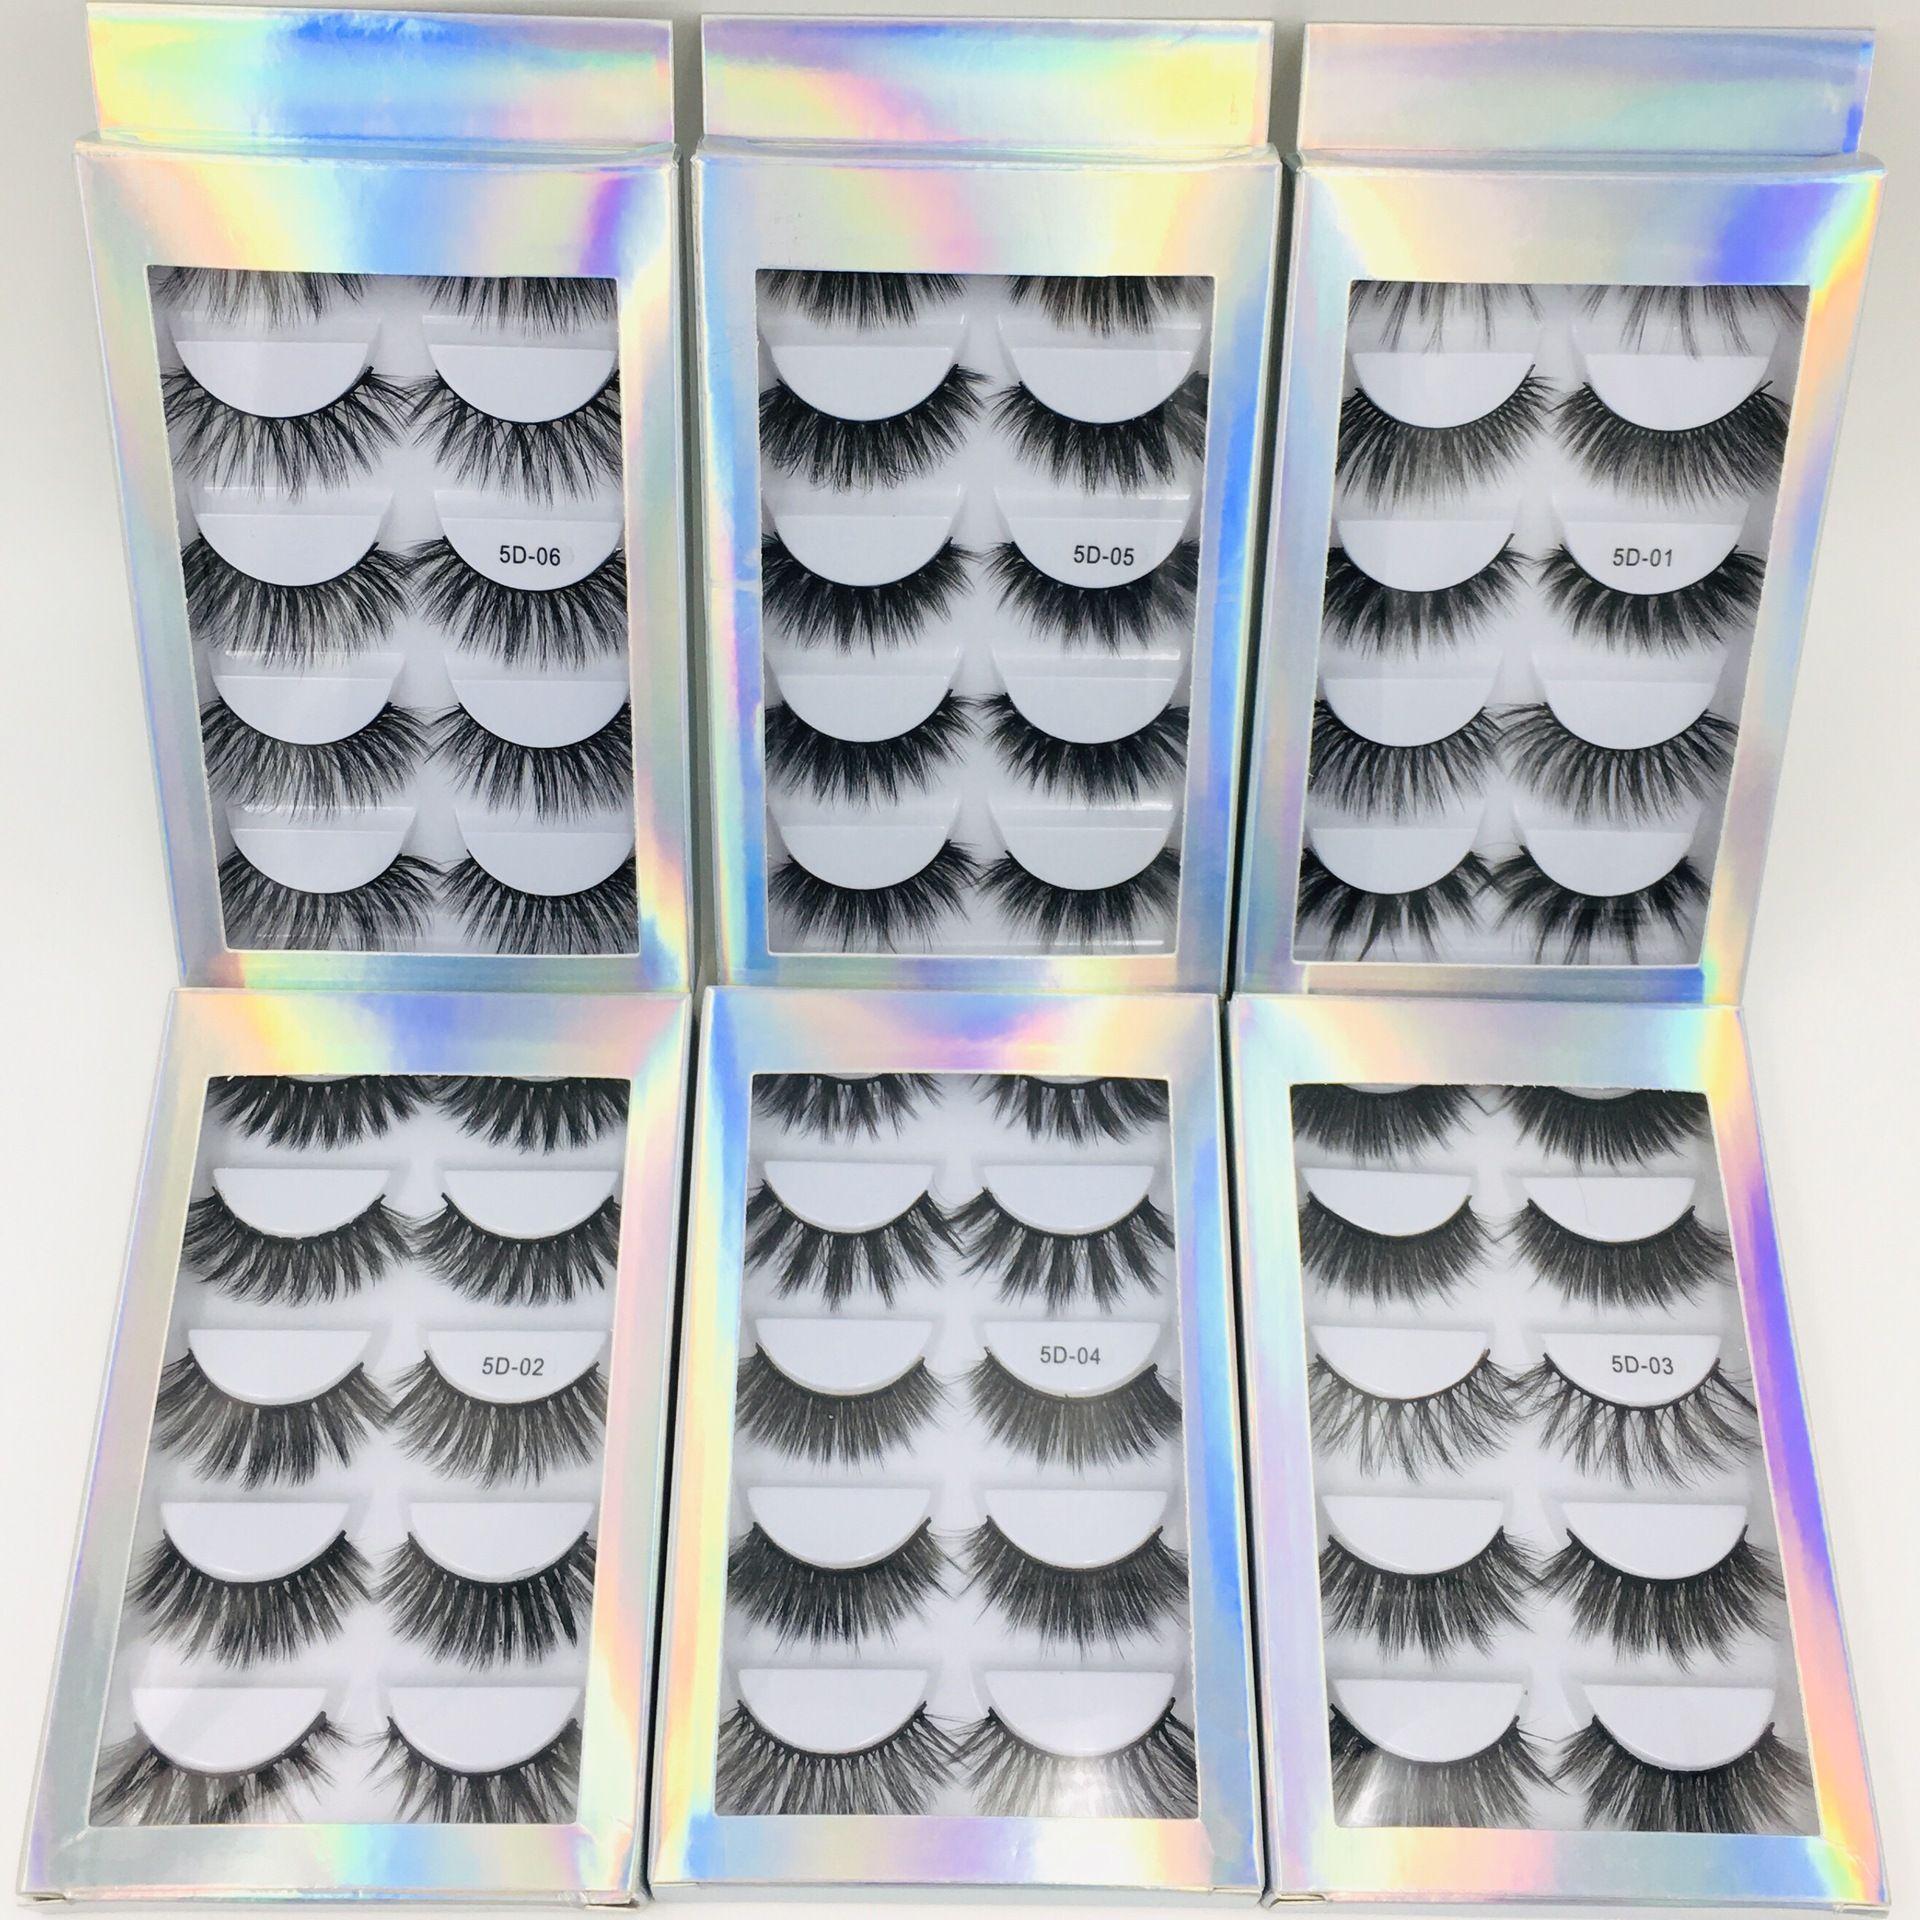 Yeni Geliş 5 Çiftleri takma kirpikler mink set lazer ambalaj kutusu el yapımı yeniden kullanılabilir sahte göz makyajı aksesuarları nakliye YL024 damla kirpikleri